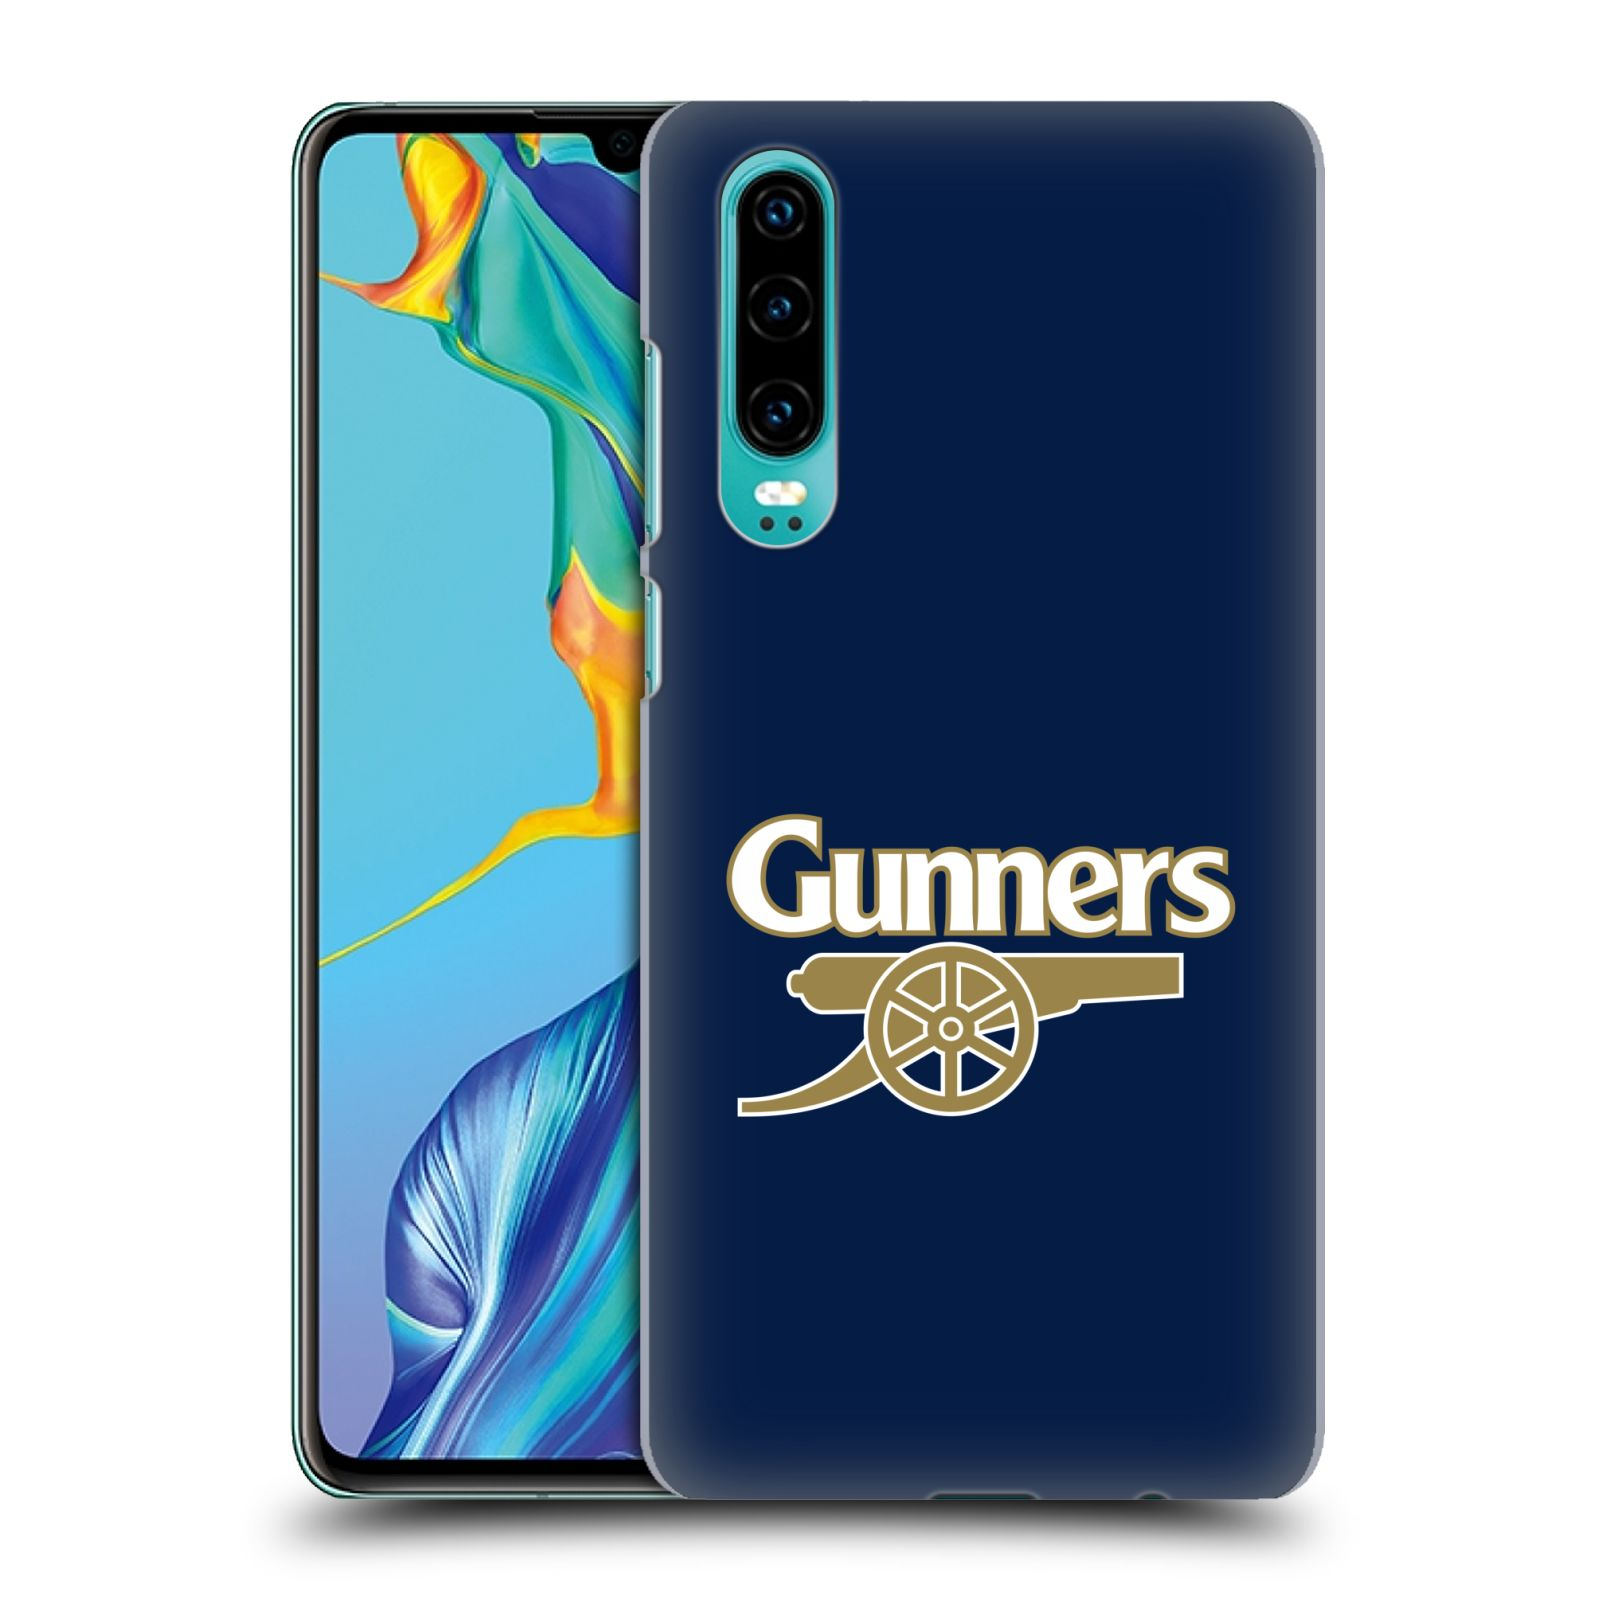 Plastové pouzdro na mobil Huawei P30 - Head Case - Arsenal FC - Gunners